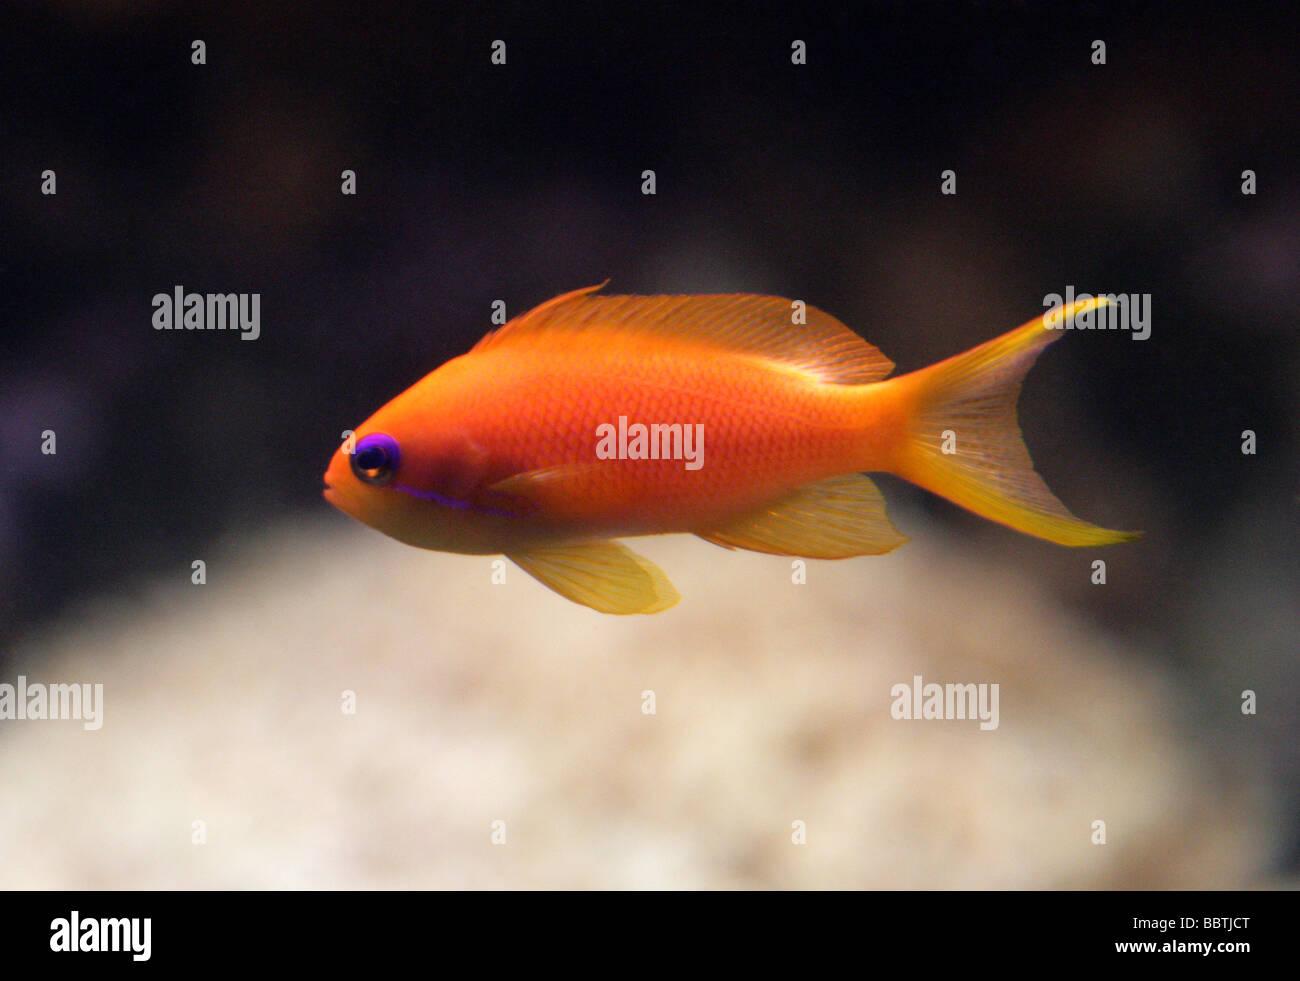 Sea Goldie, Lyretail Coralfish, Lyretail Anthias or Scalefin Anthia, Pseudanthias squamipinnis, Serranidae. - Stock Image